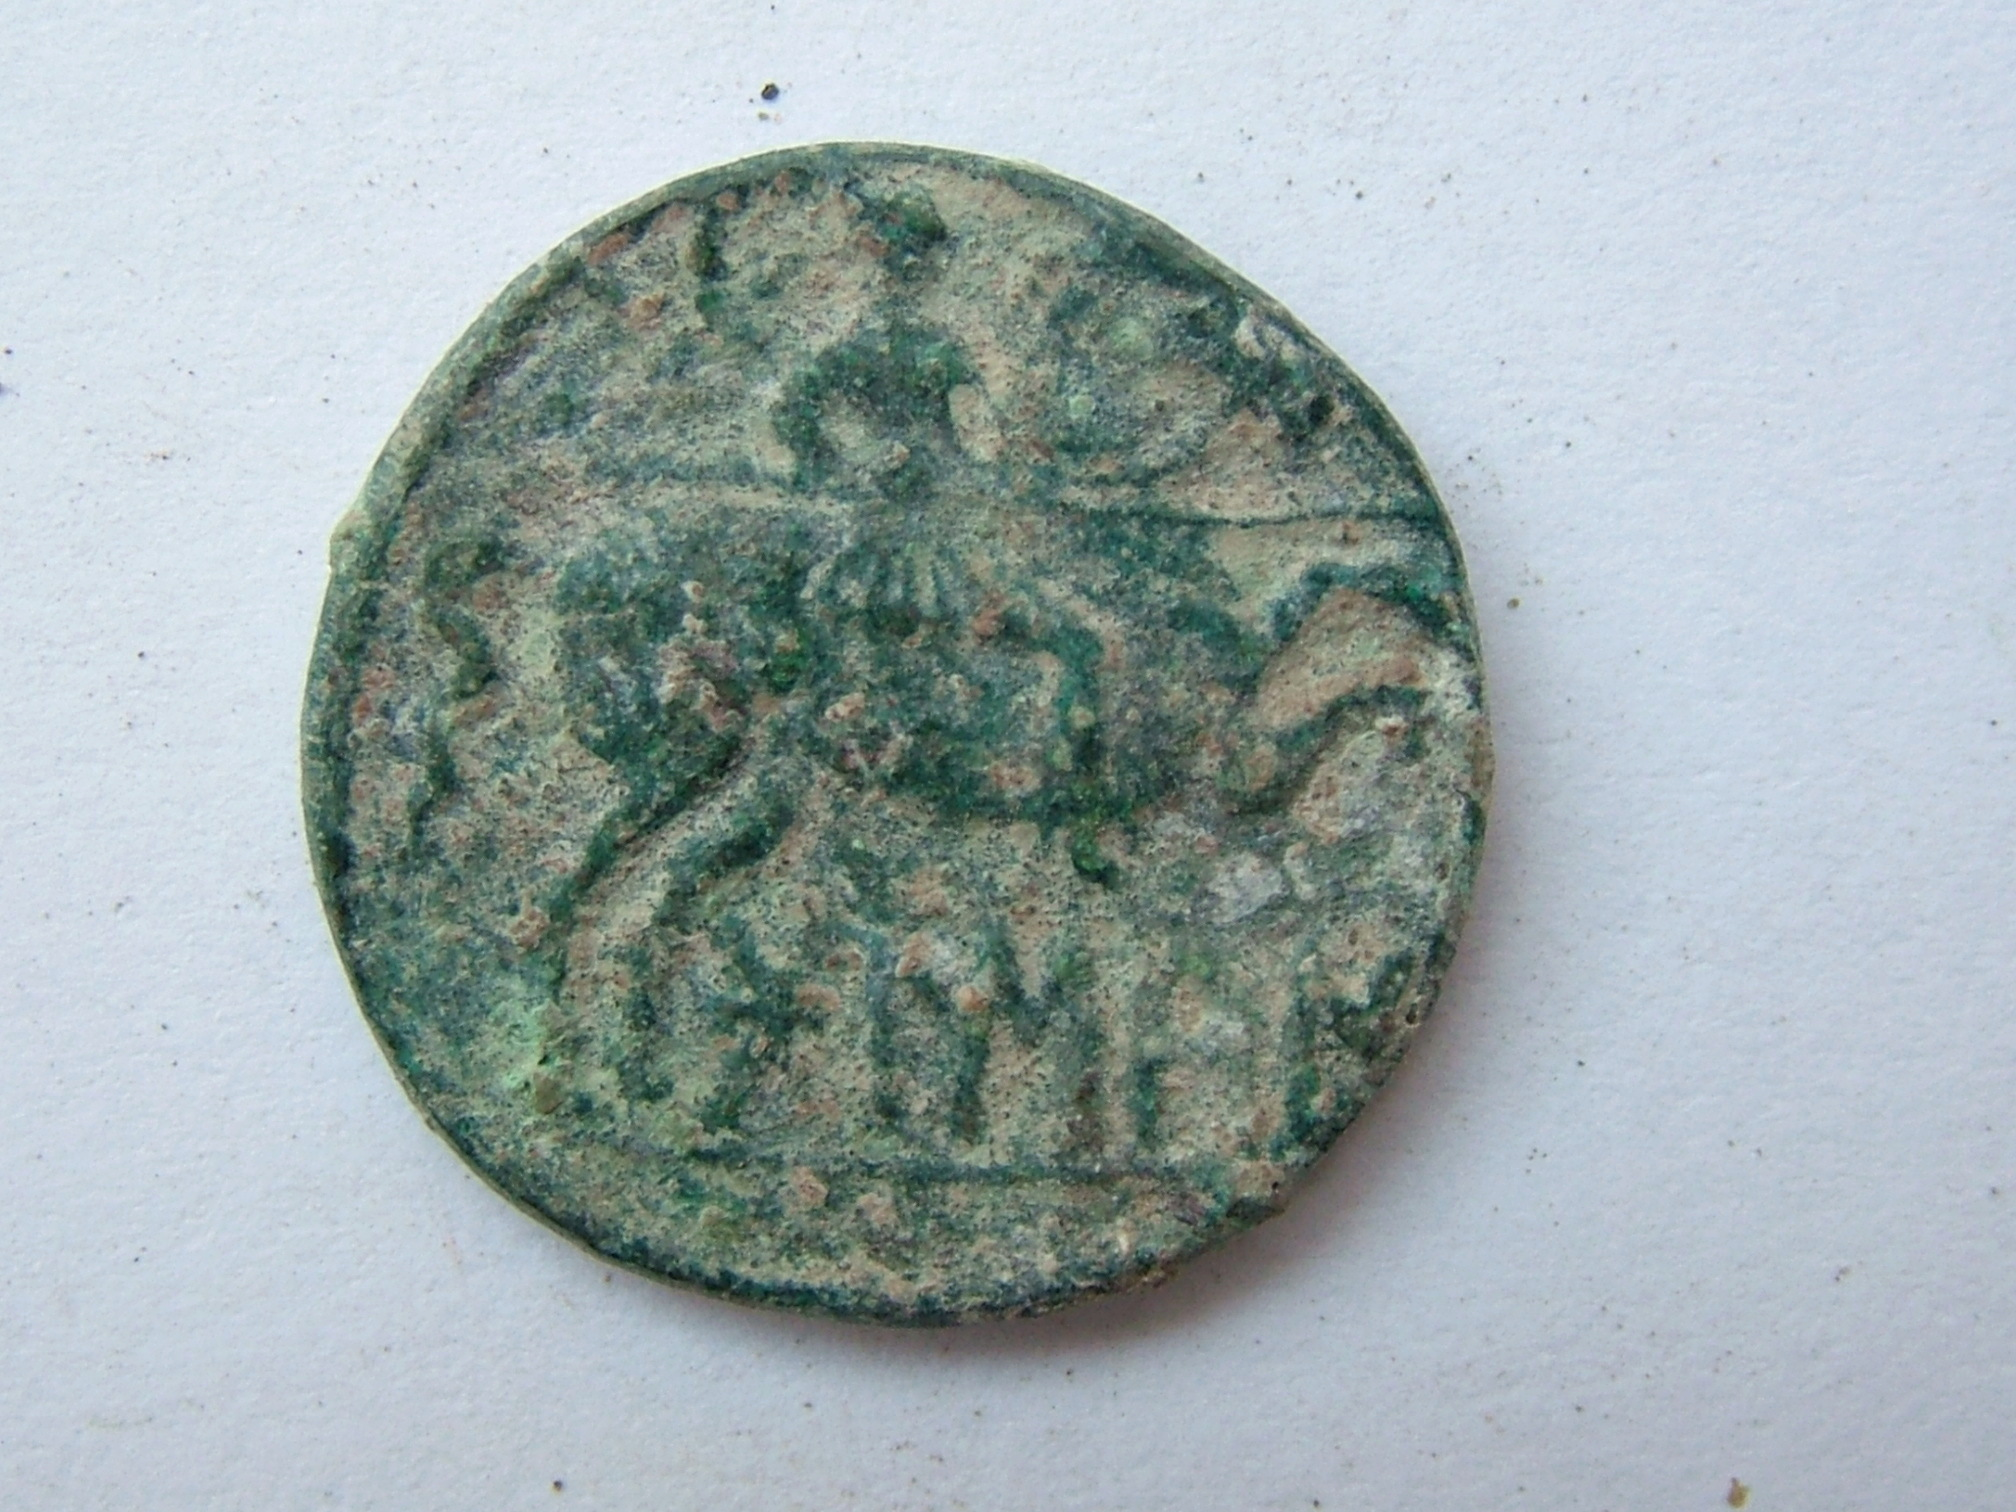 Imágenes a gran escala de pátinas y monedas falsas. Escalofriante (+18). 01_rev10